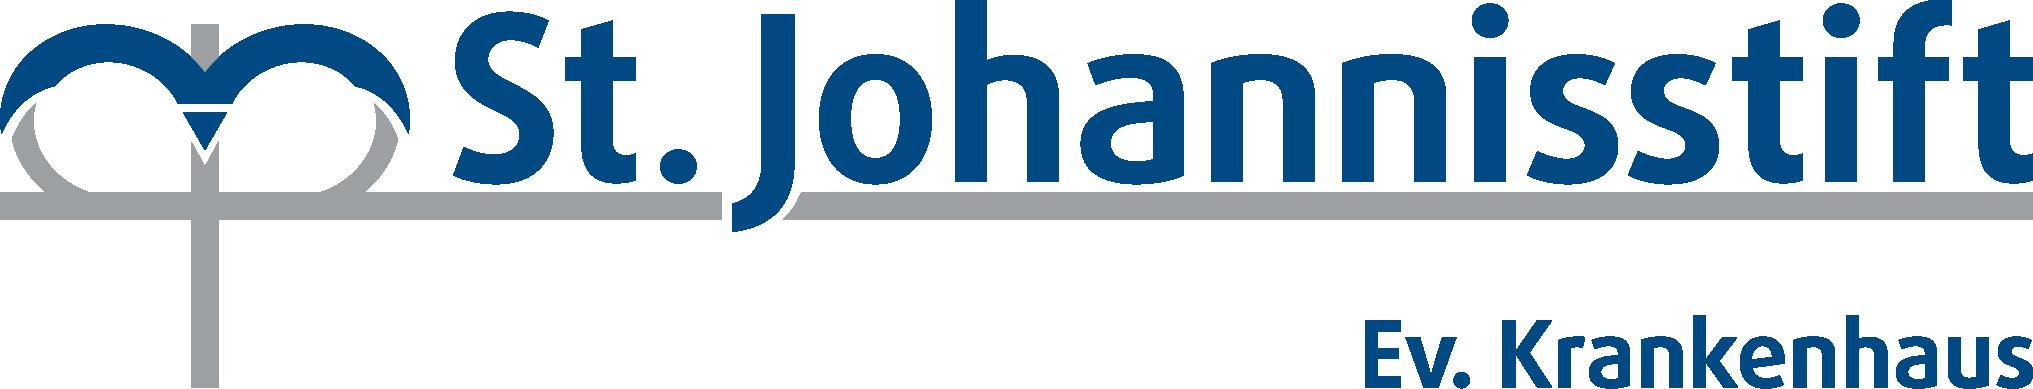 St-Johannisstift_Logo_Krankenhaus_CMYK